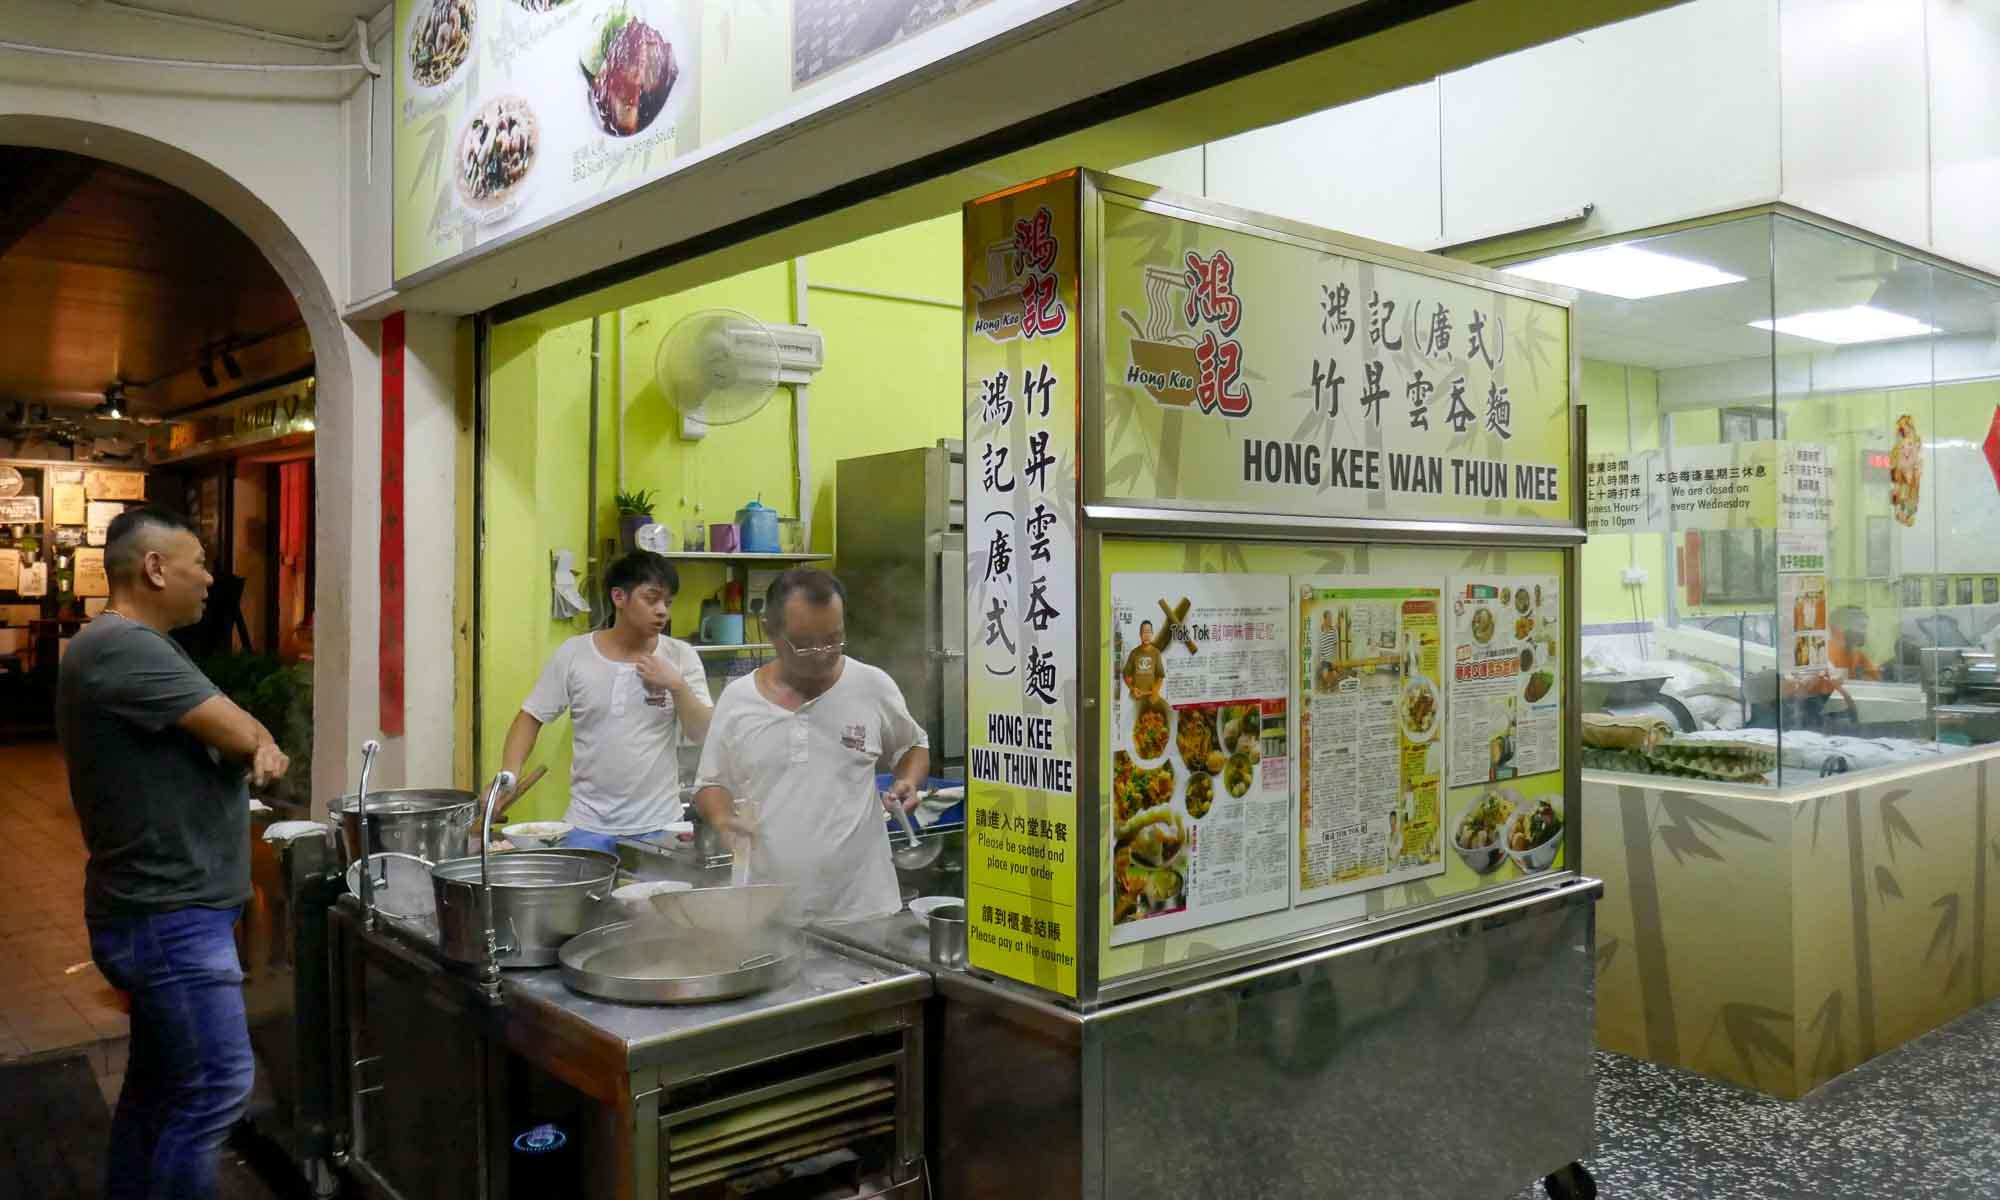 Tasty noodles at Hong Kee Wan Thun Mee